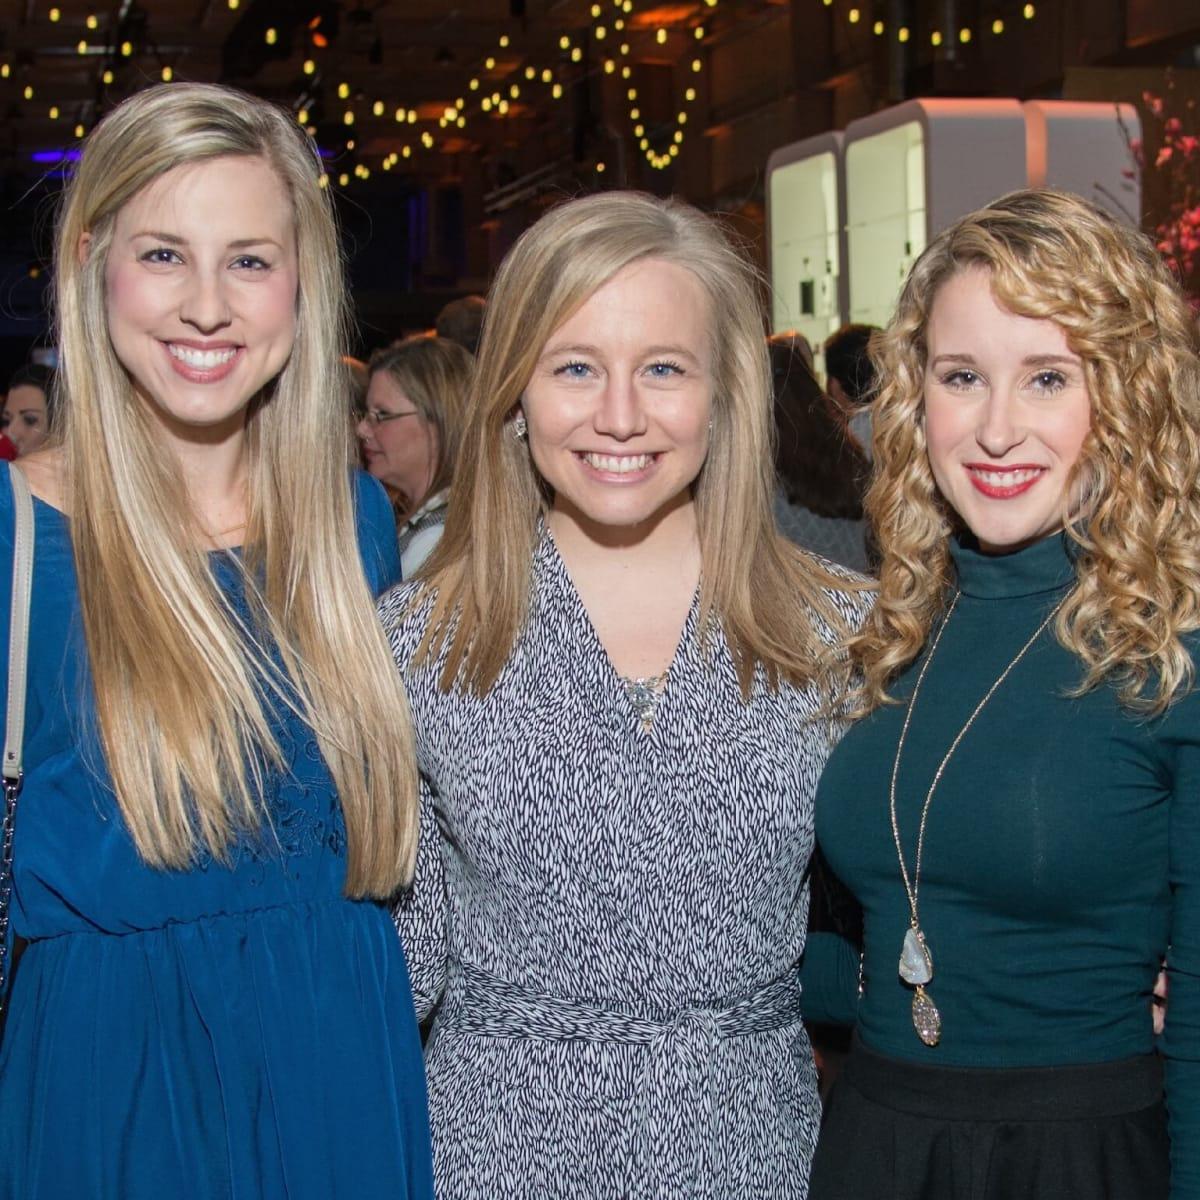 Erin Fidde, Taryn McCoy, Cassie Hull at Big Texas Party